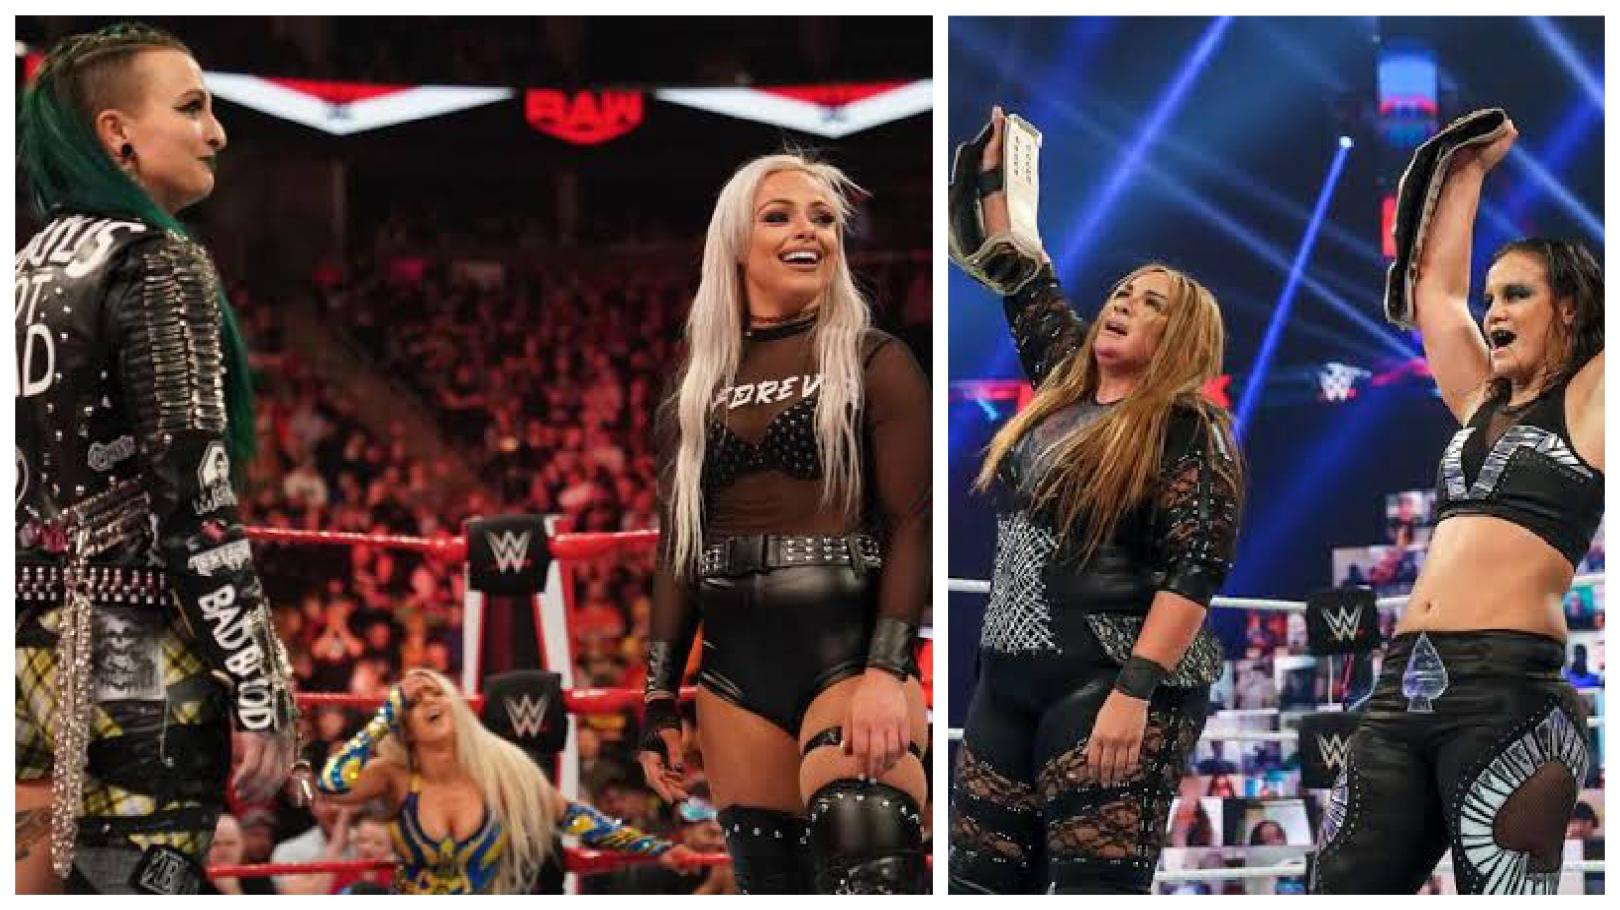 WWE , Riott Squad